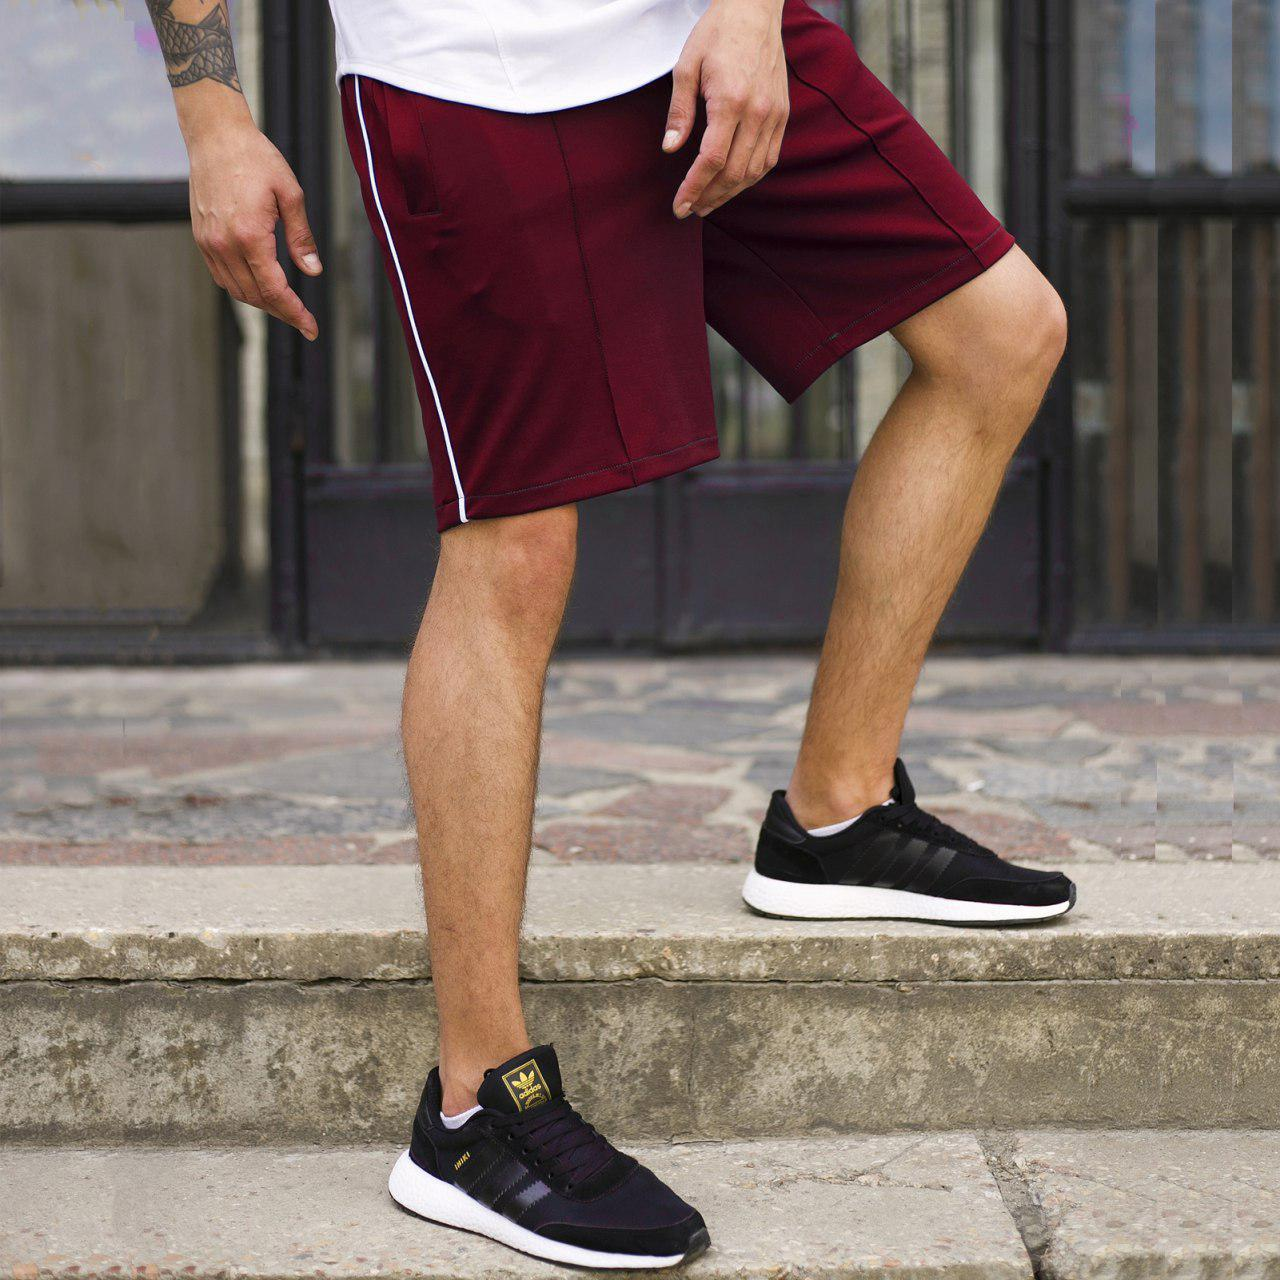 Шорты бордо мужские с полоской бренд ТУР модель СиДжей (CJ) размер XS, S, M, L, XL